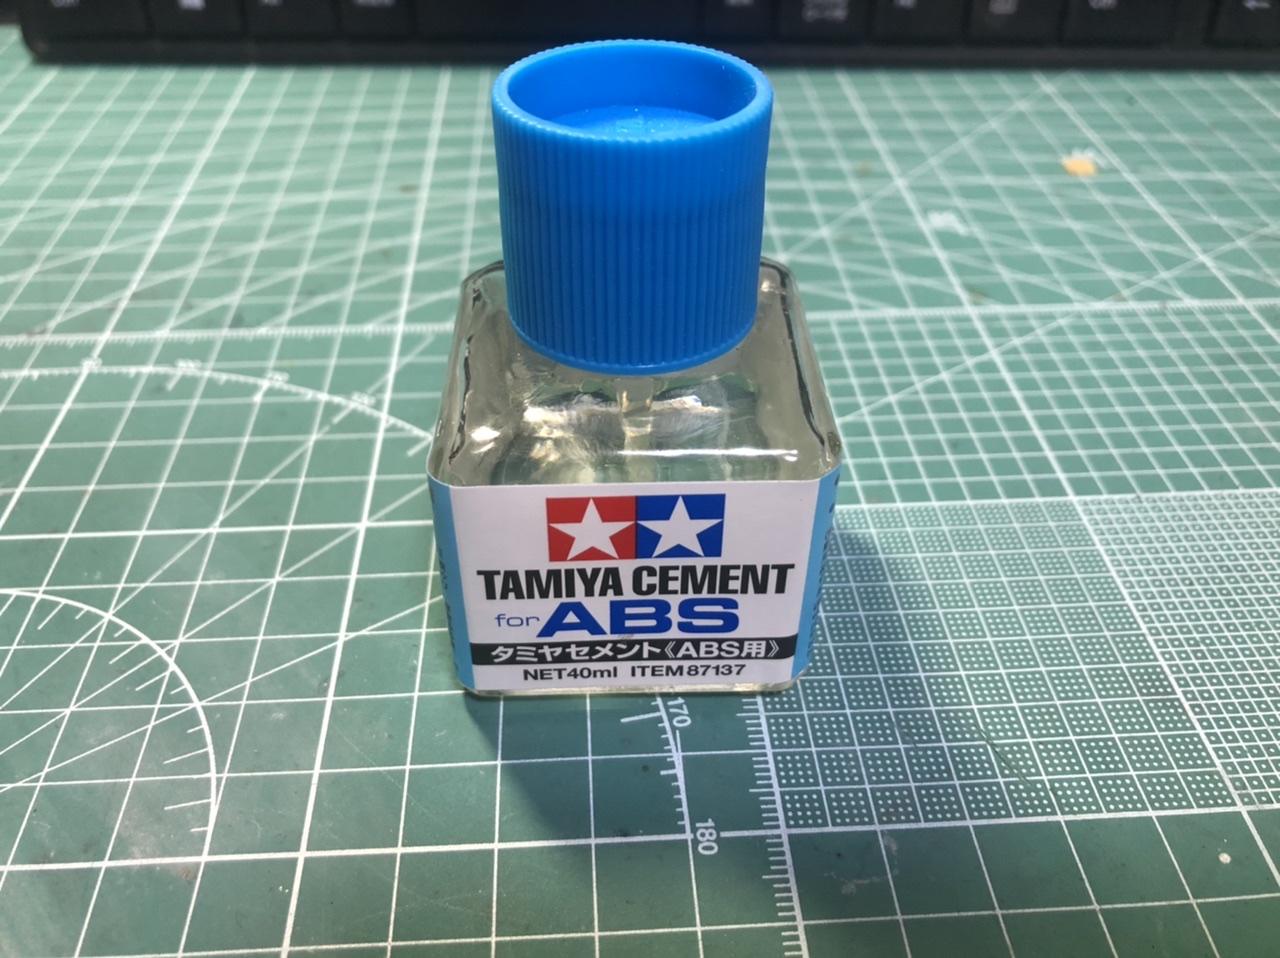 パテ ランナー プラスチックを溶かしてみたい②「ABS樹脂液体パテ」を自作します!